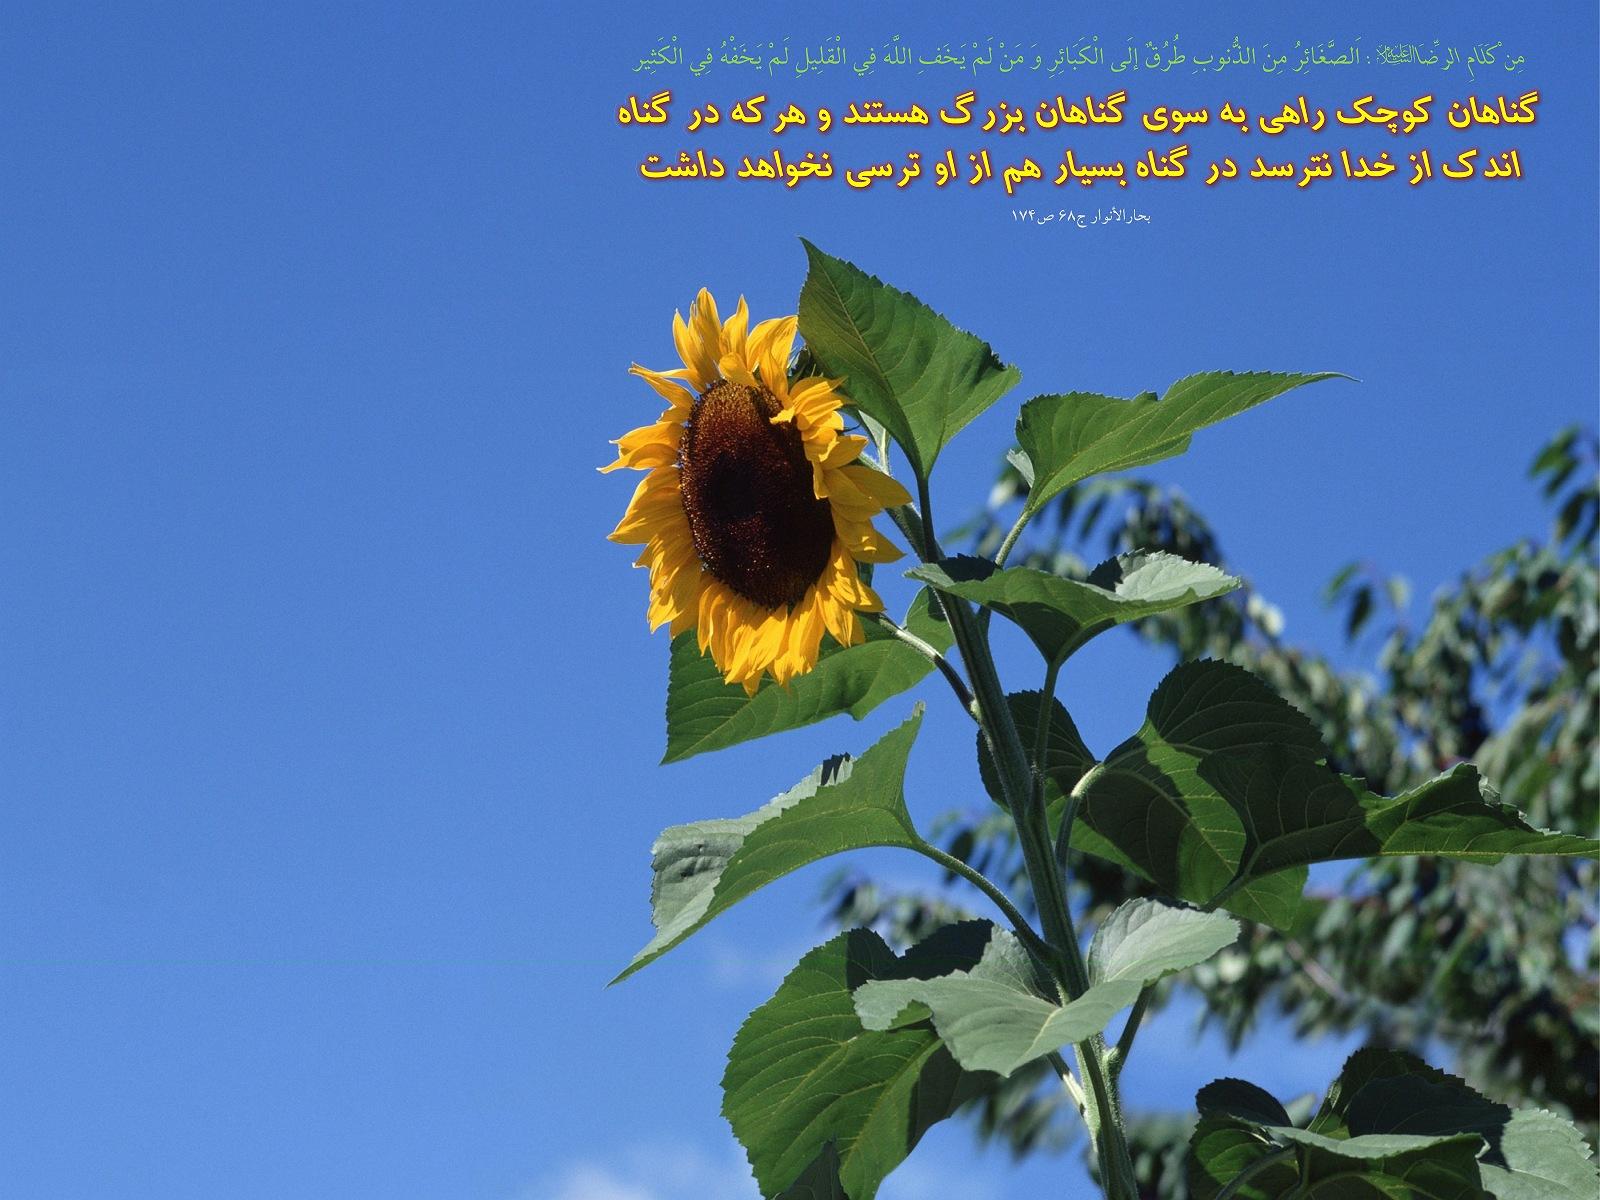 http://anti211.persiangig.com/hidith-tasviri/641Hadis%20H184.jpg